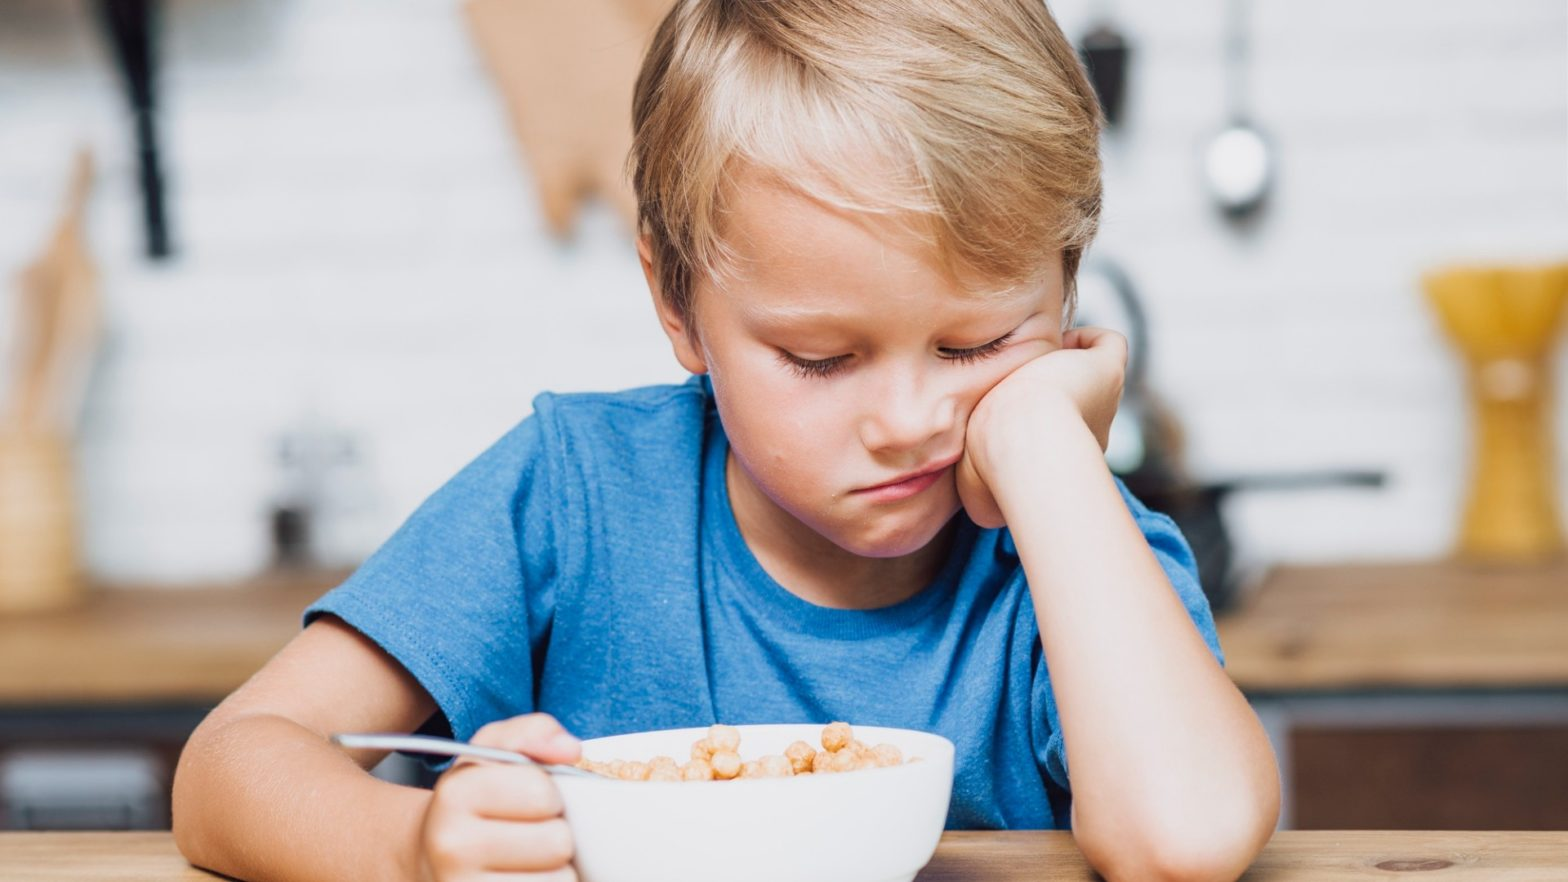 Criança com falta de apetite.